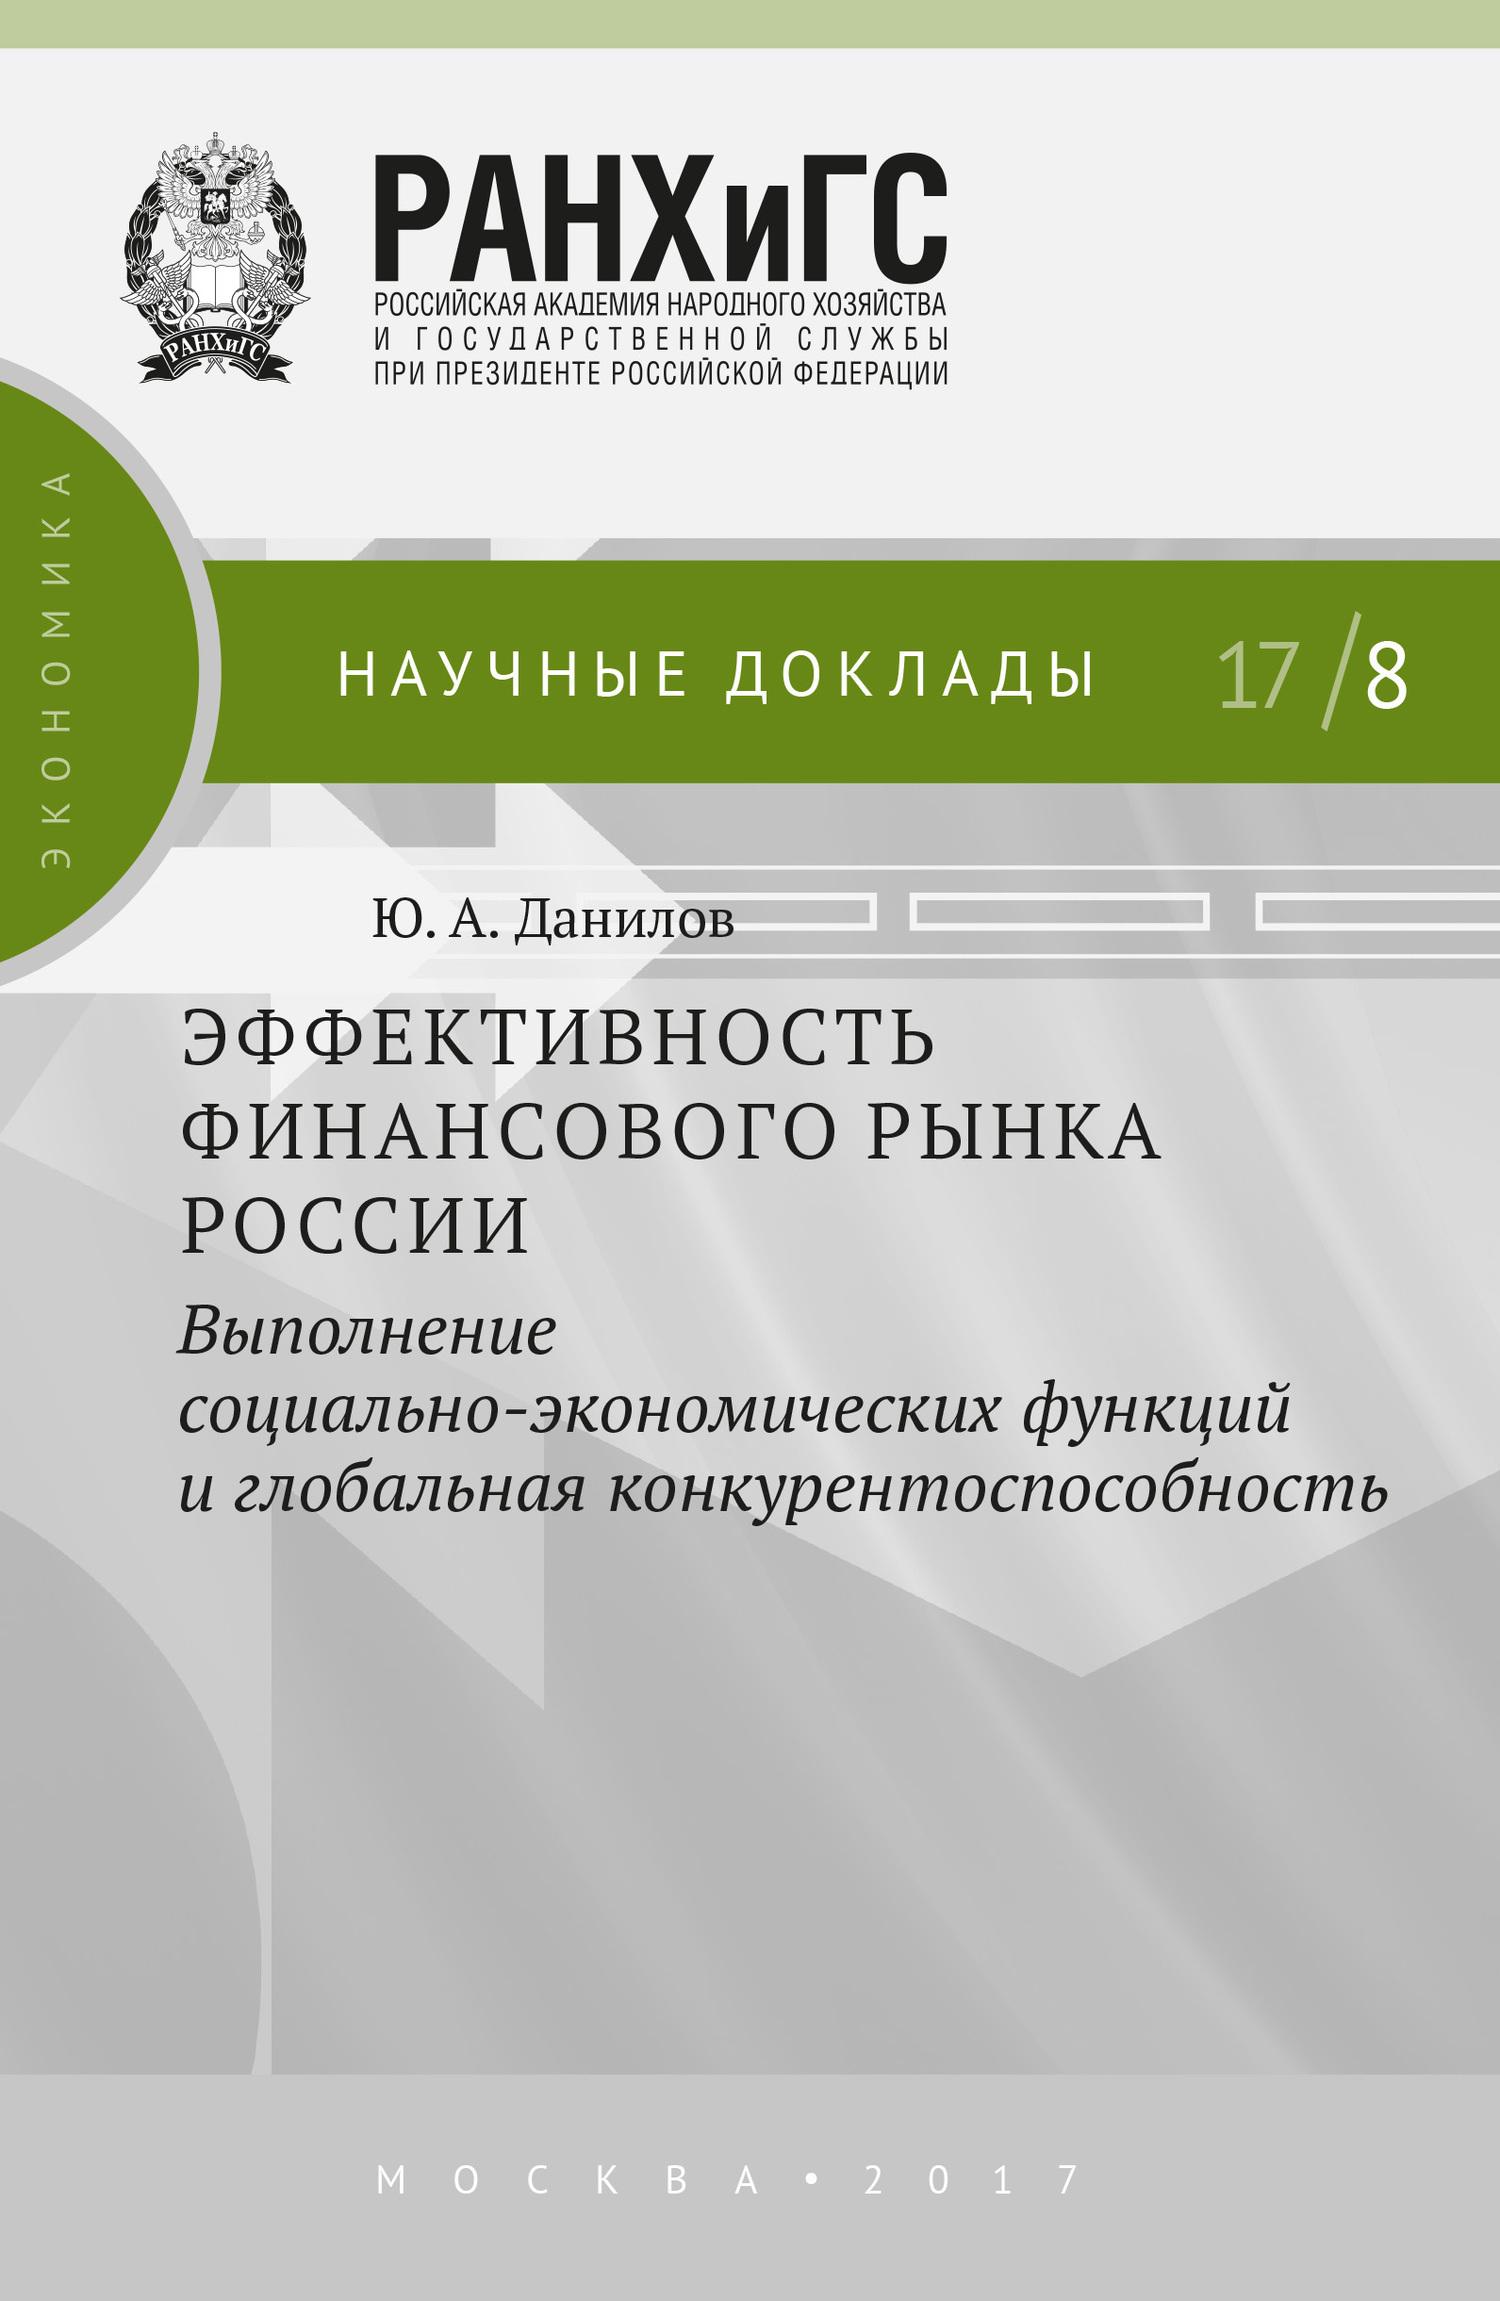 Обложка книги. Автор - Юрий Данилов